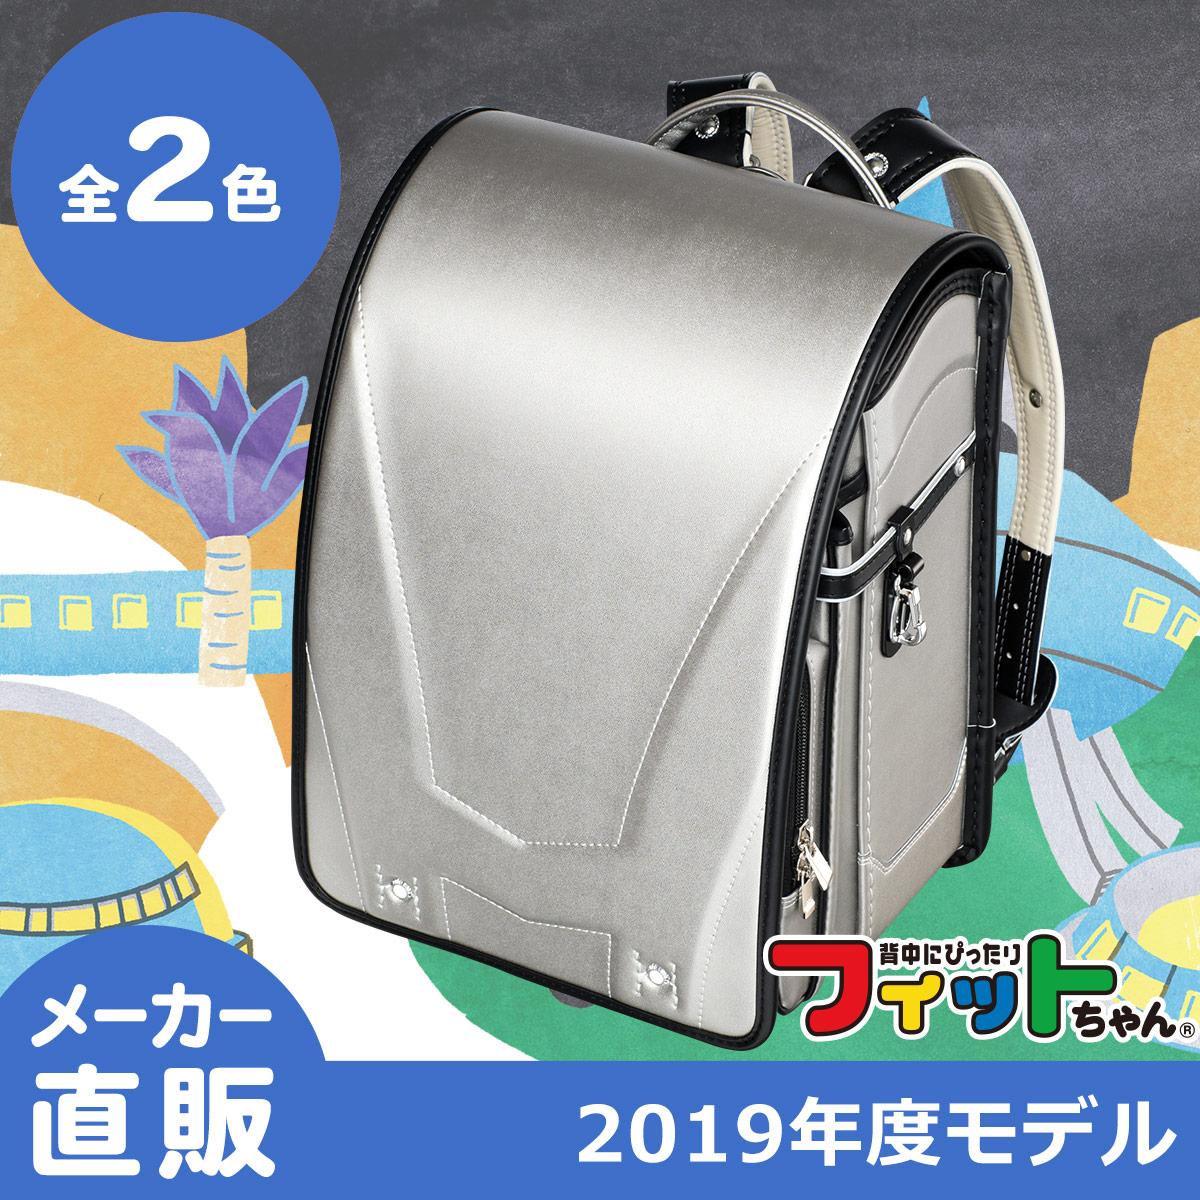 フィットちゃん ランドセル ハンサムボーイDX(FIT-214)2019年モデル フィットちゃんランドセルA4クリアファイル収納サイズ